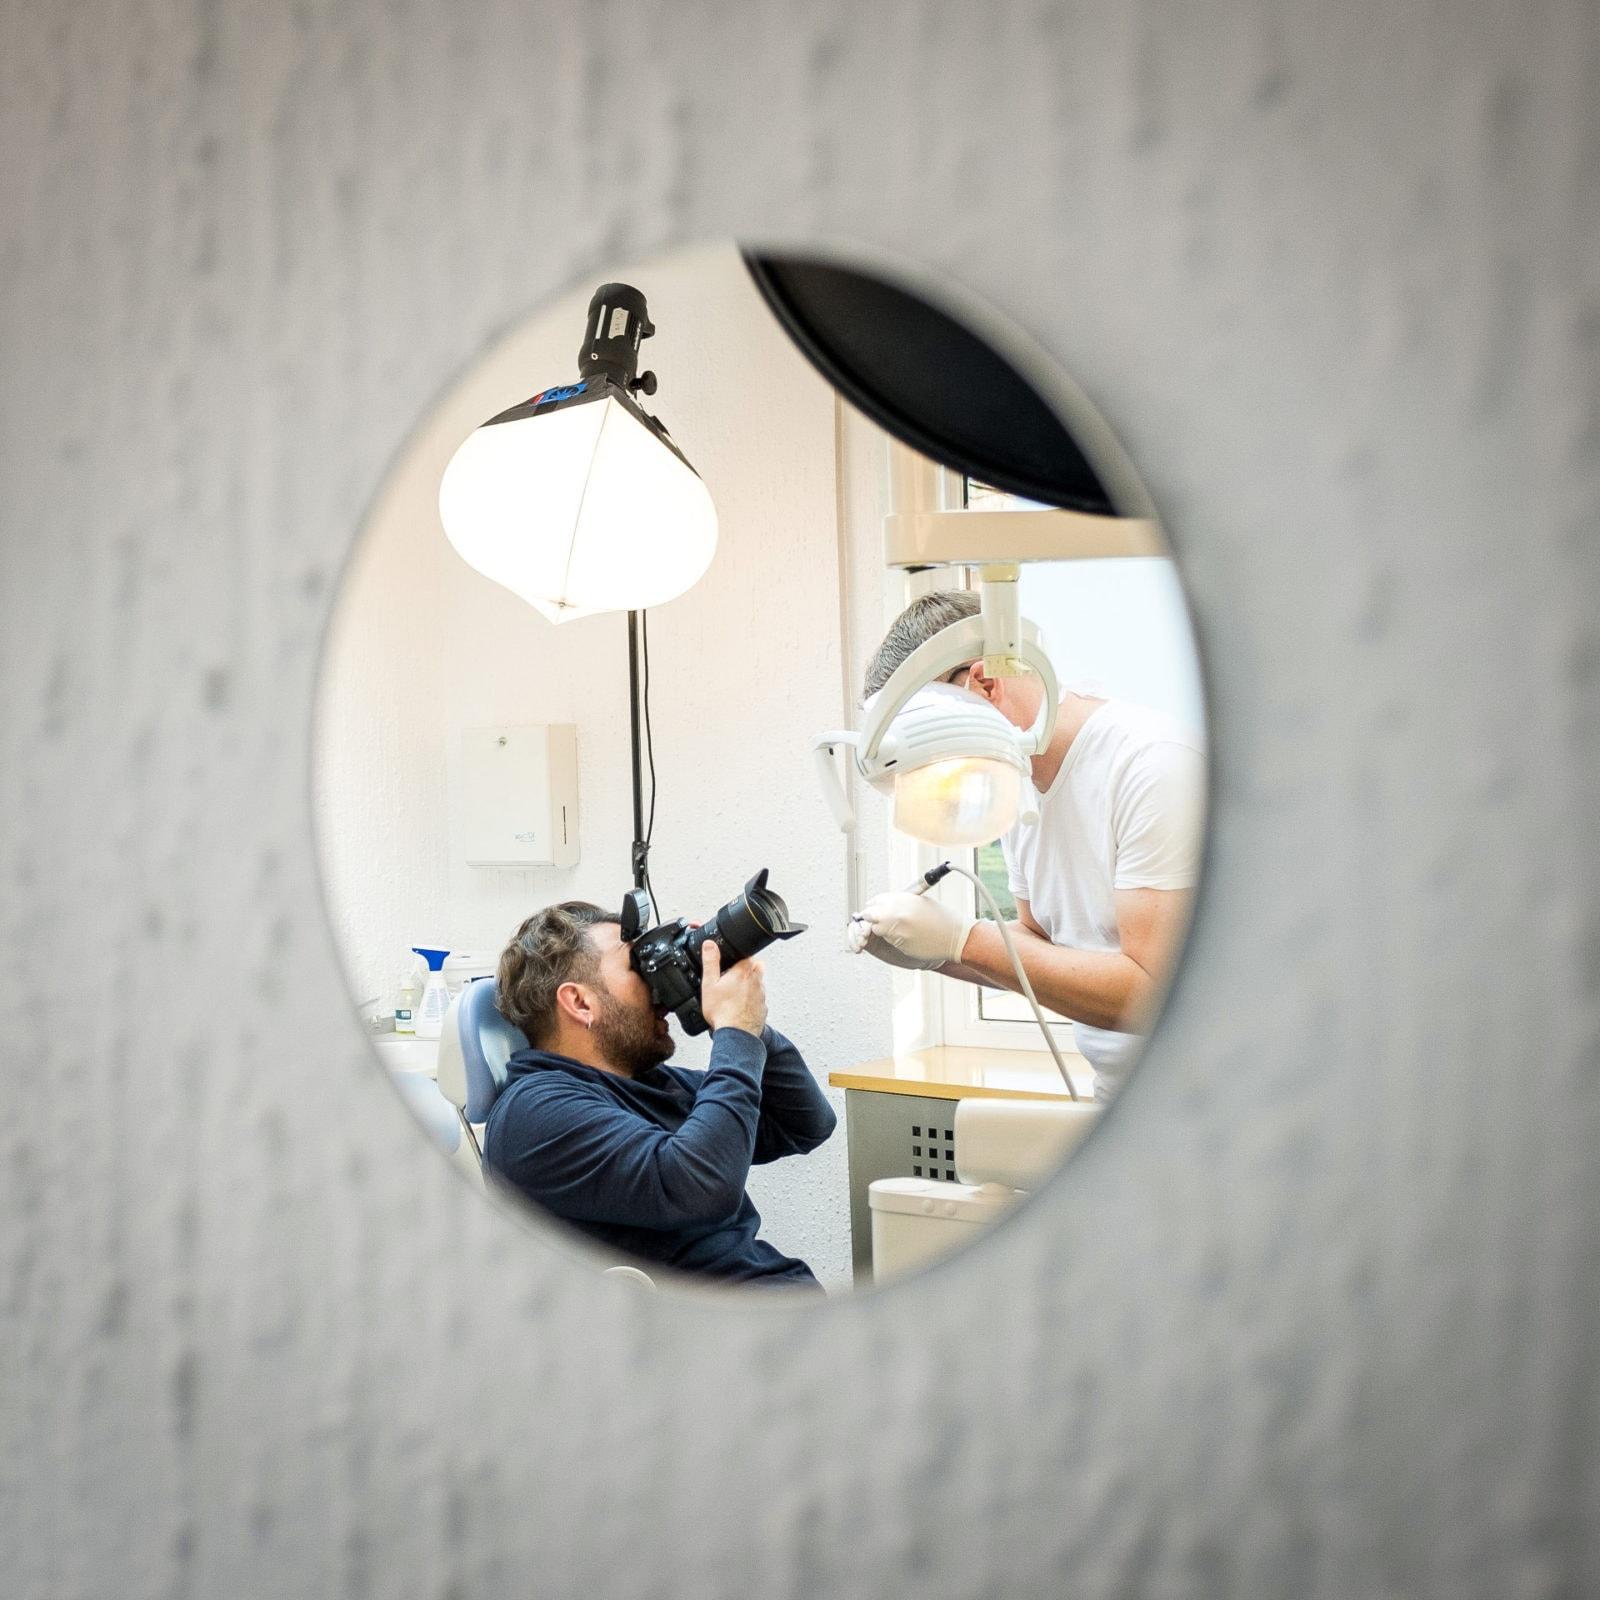 PR Shooting Zahnarzt BIG Krankenkasse